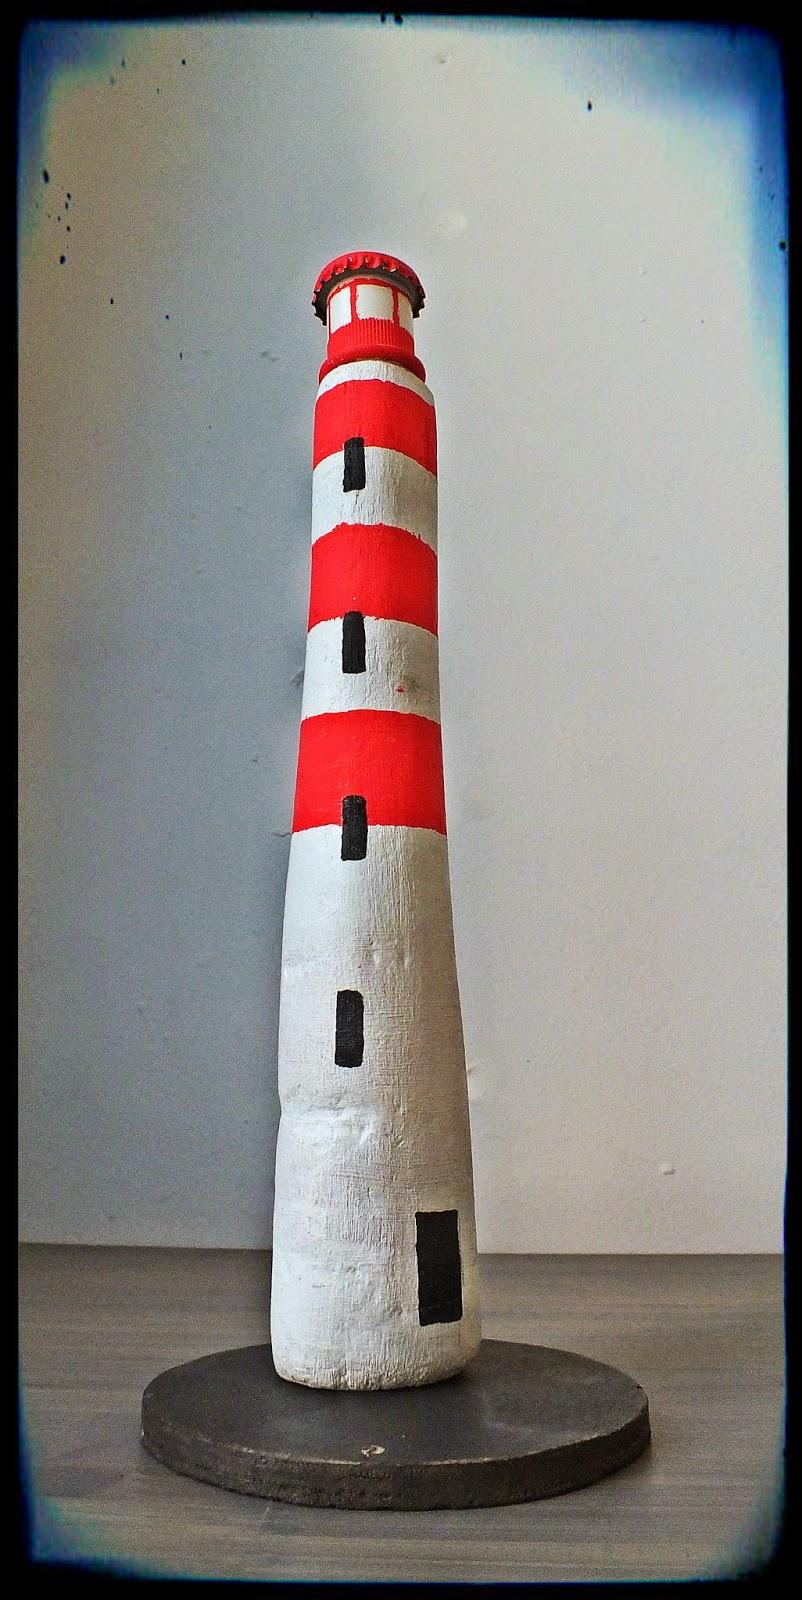 Mutoz inc art en bois flott phares bretons en bois flott for Peinture bois flotte